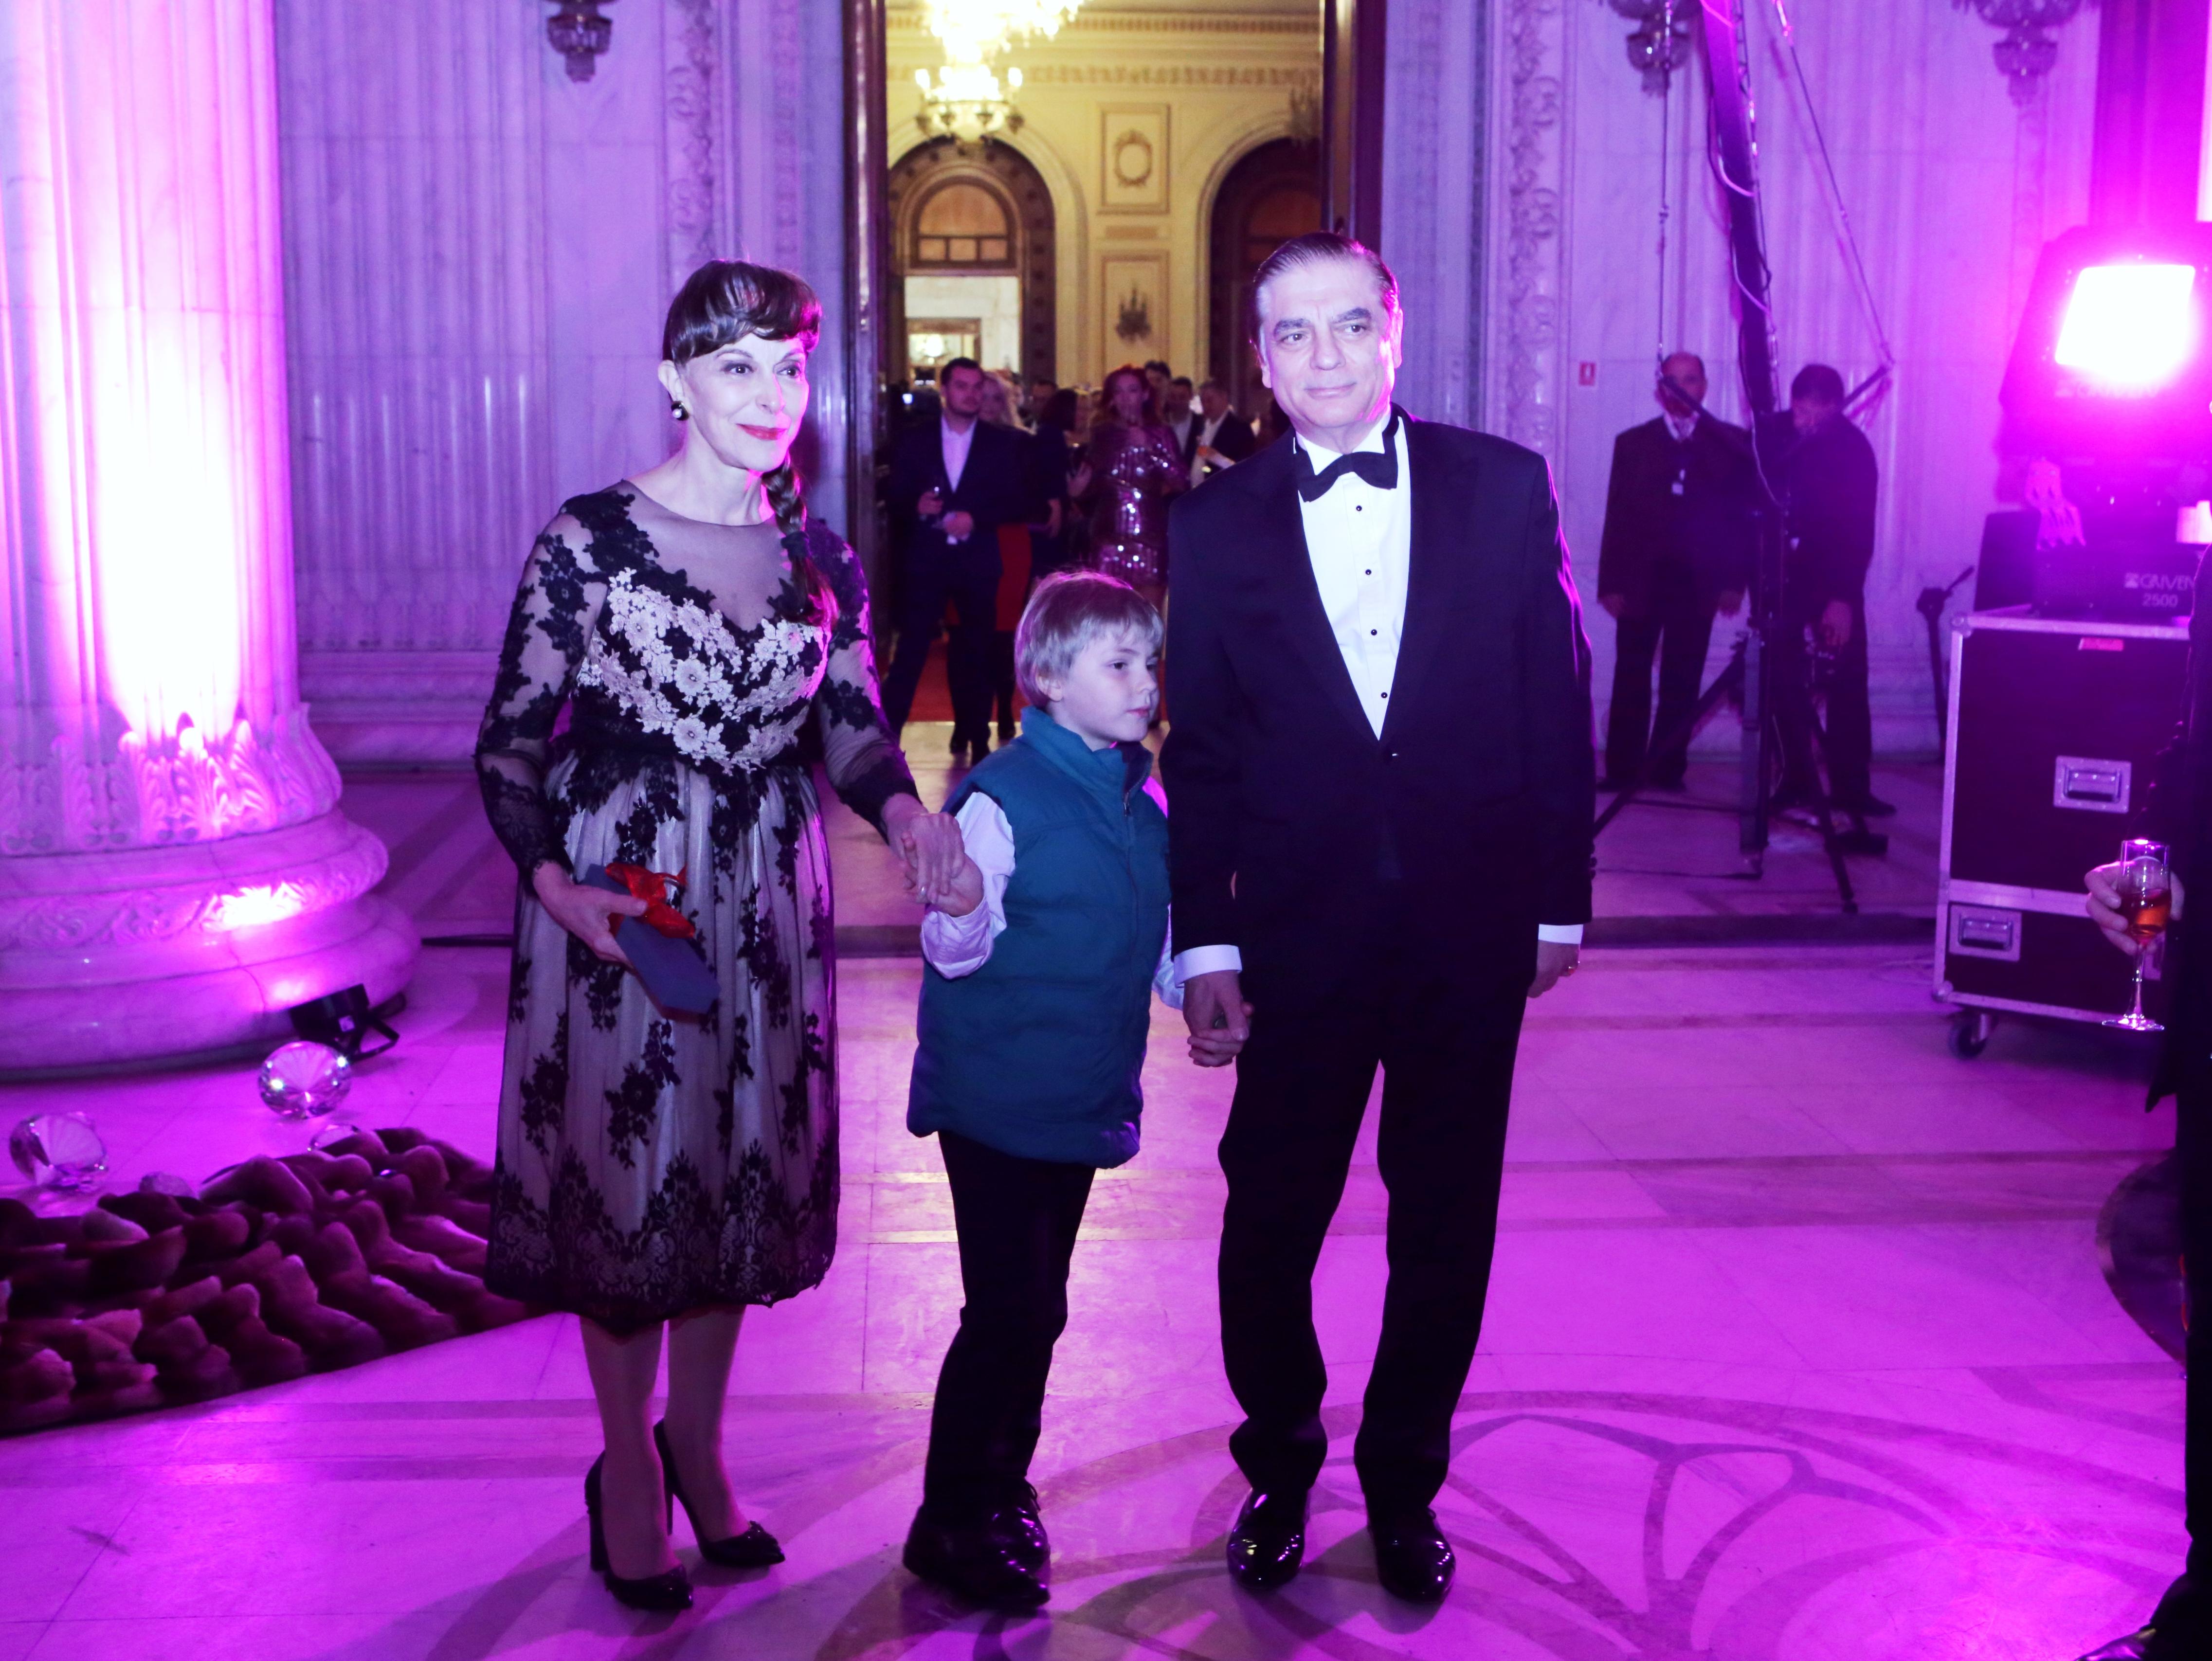 VIDEO EXCLUSIV/ Primul interviu cu Prințul Paul după ce a scăpat de arestul la domiciliu. Prințesa Lia și Prințul Paul vin la evenimente cu fiul lor, Carol Ferdinand